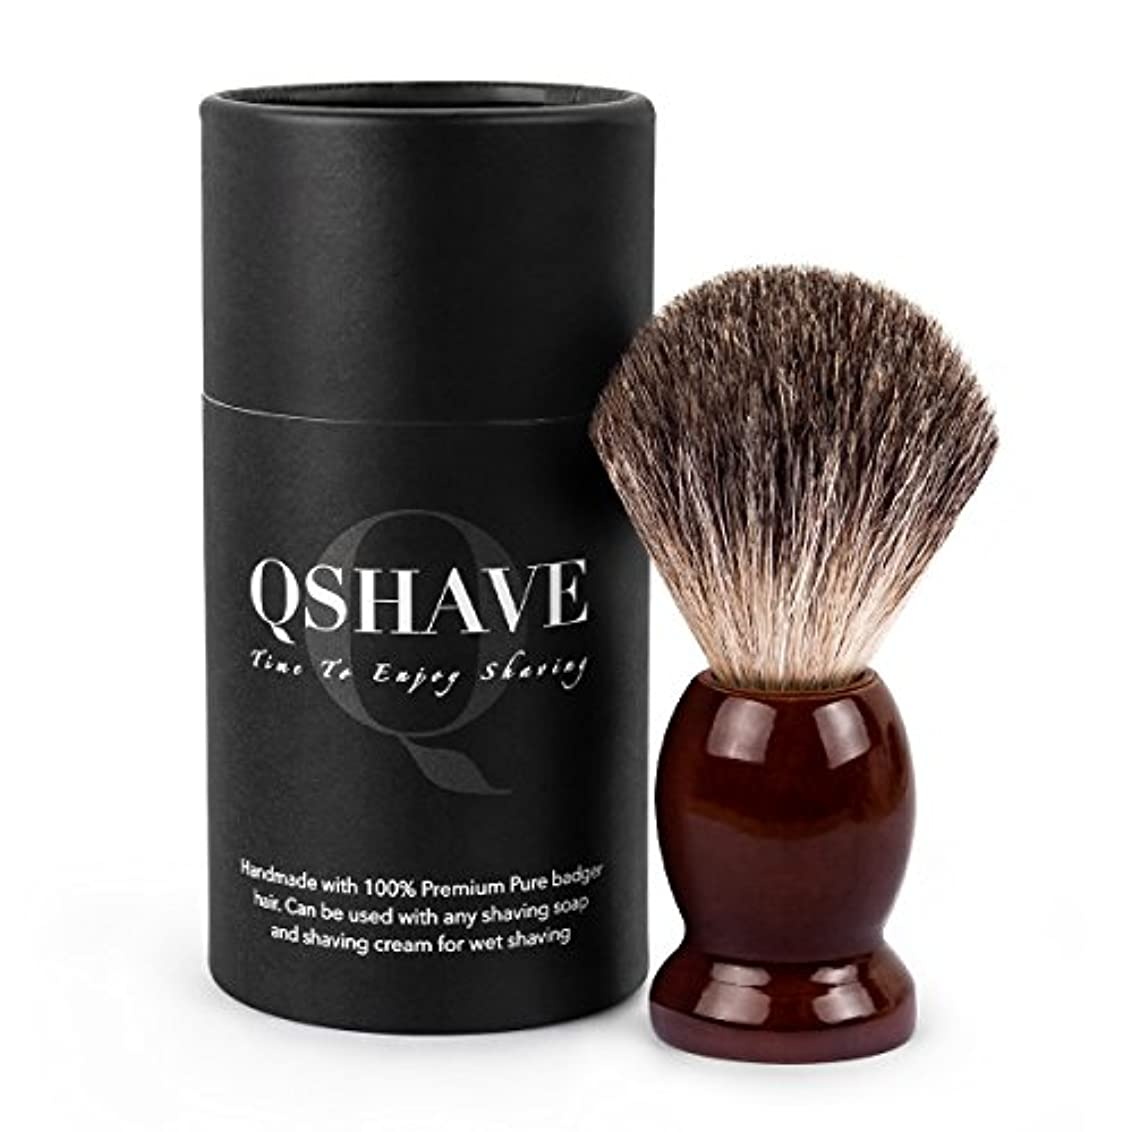 正確弁護士未接続QSHAVE 100%最高級アナグマ毛オリジナルハンドメイドシェービングブラシ。木製ベース。ウェットシェービング、安全カミソリ、両刃カミソリに最適